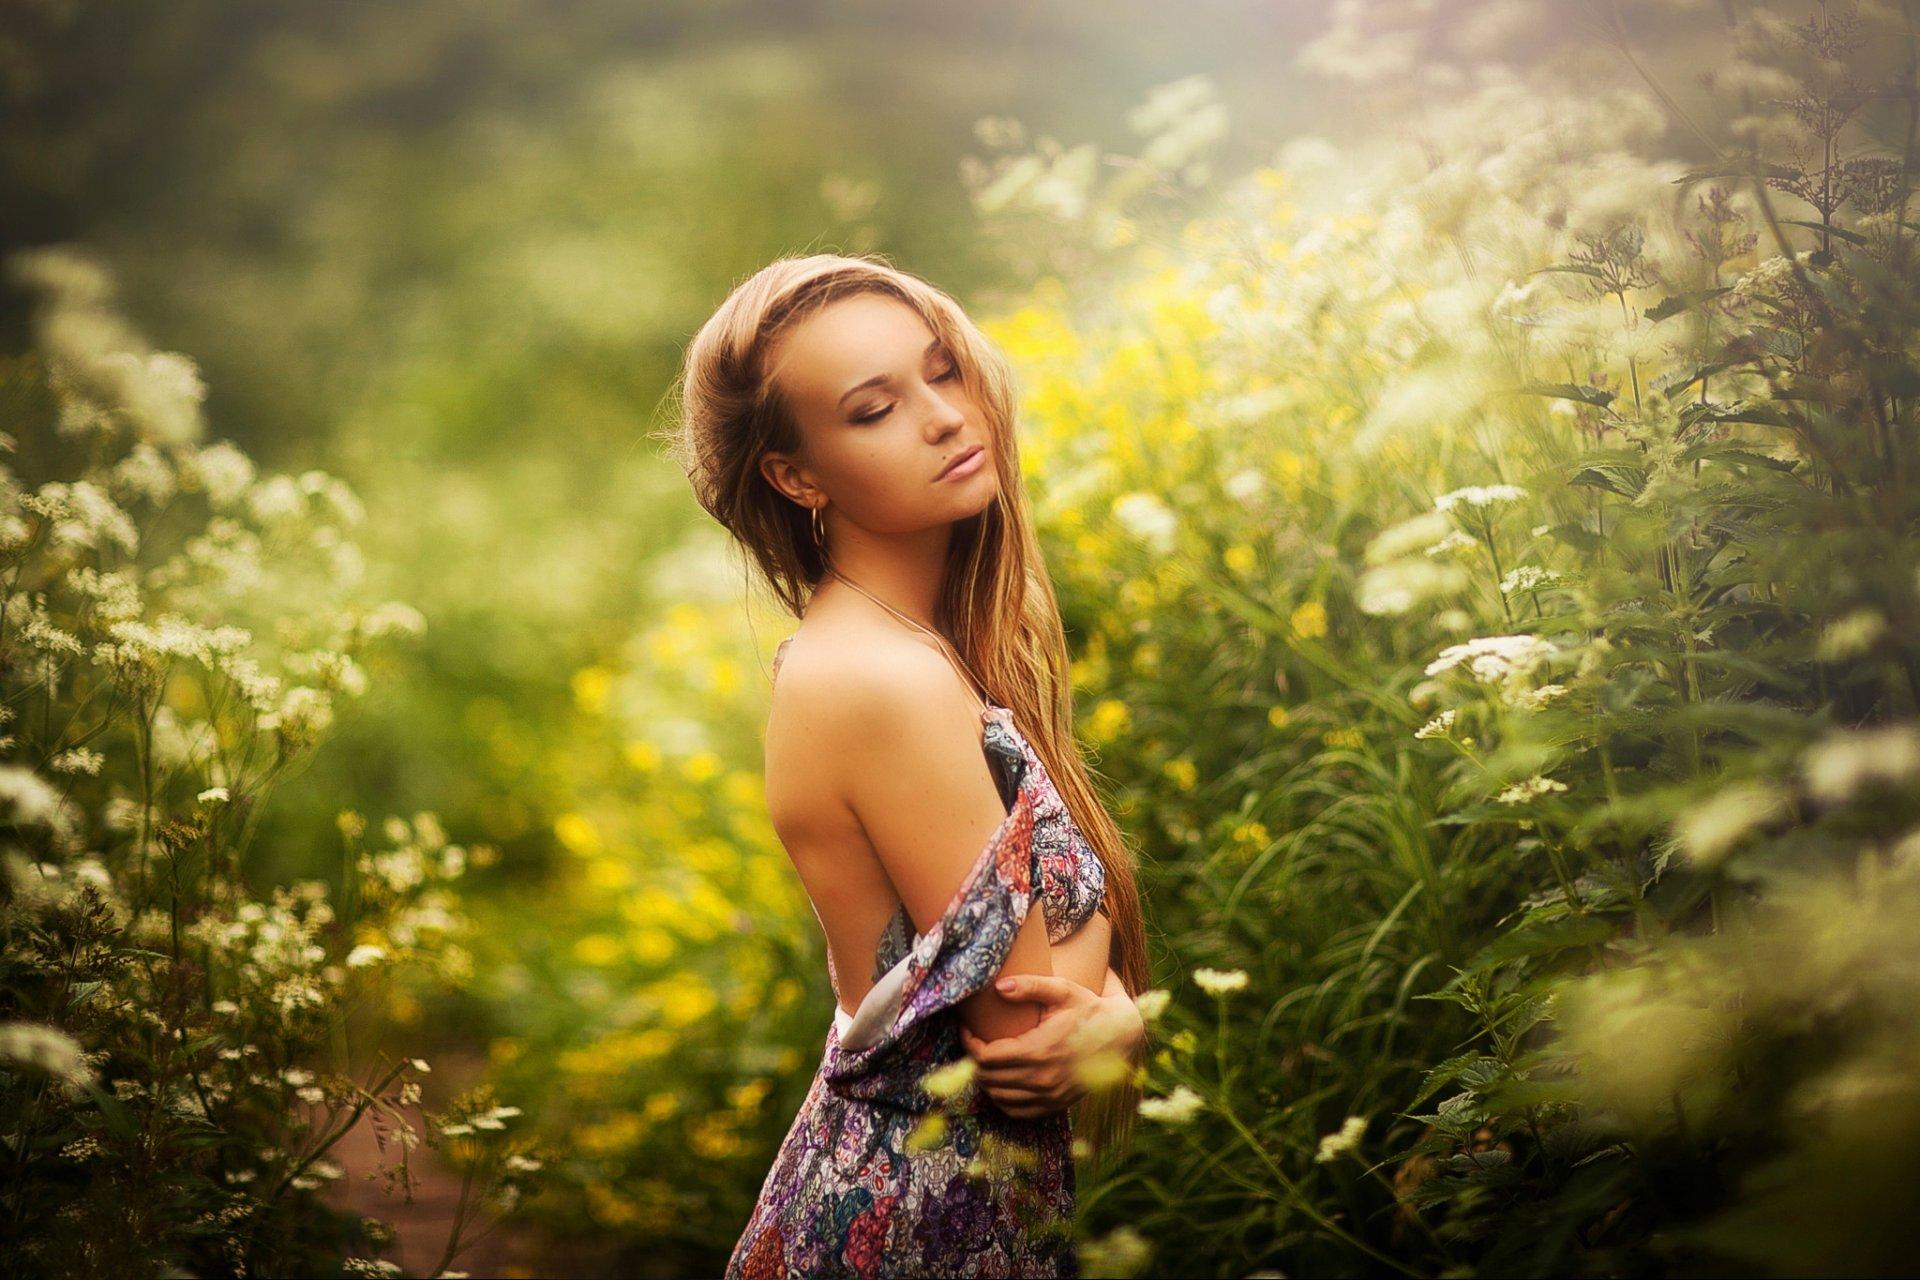 нашем лето уживающиеся картинки фото девушек на природе сказал, что